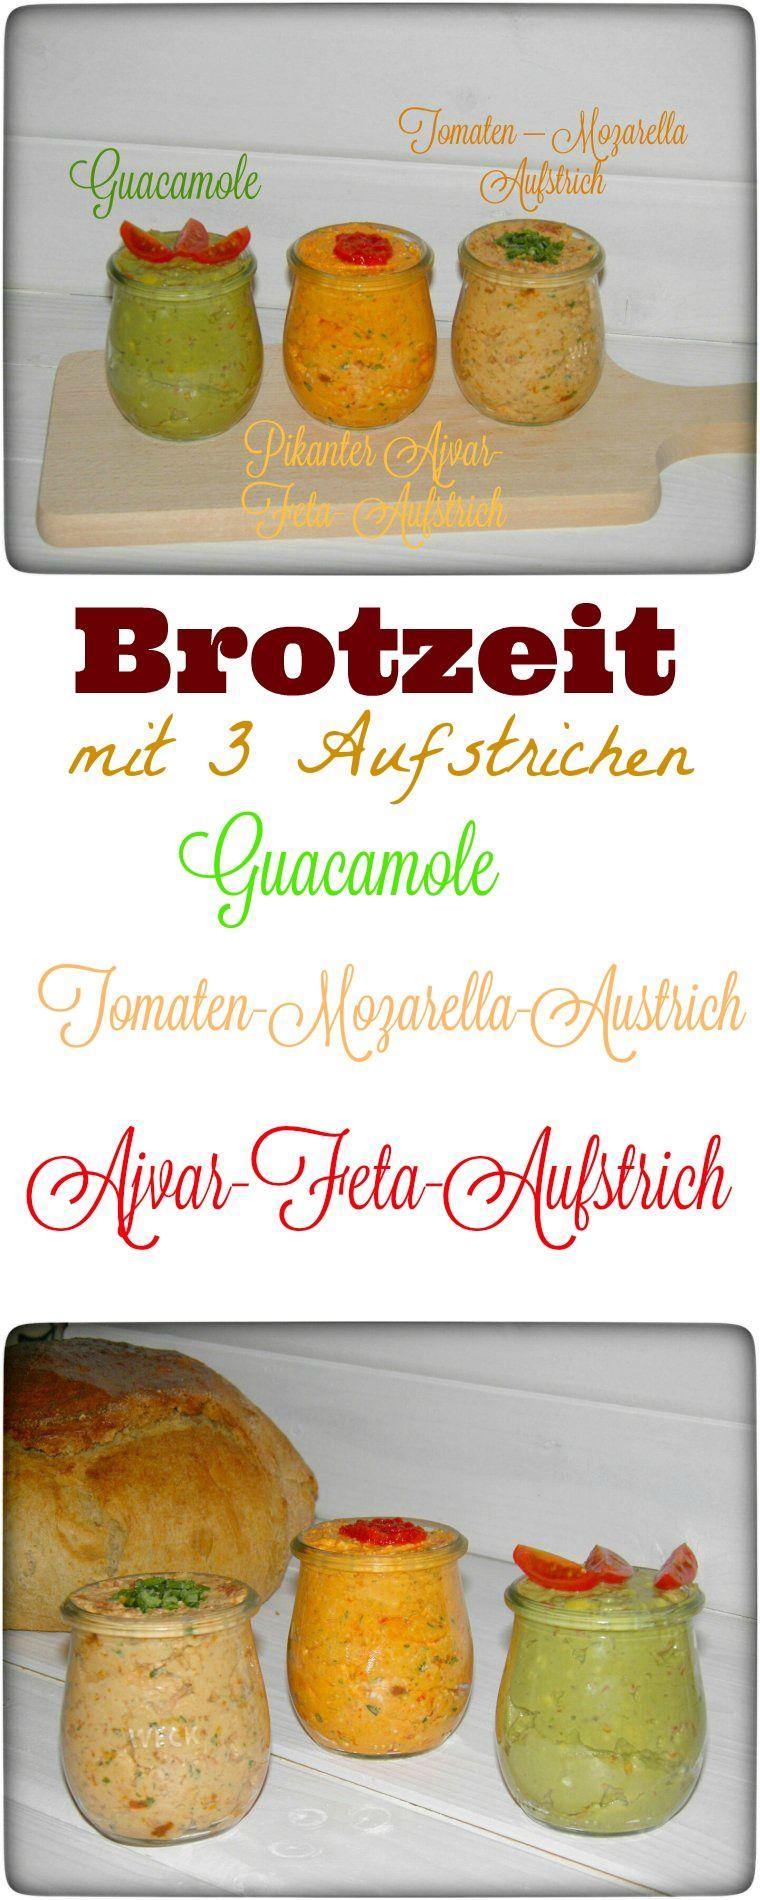 Leckere Brotzeit mit 3 Aufstrichen - wiewowasistgut.com